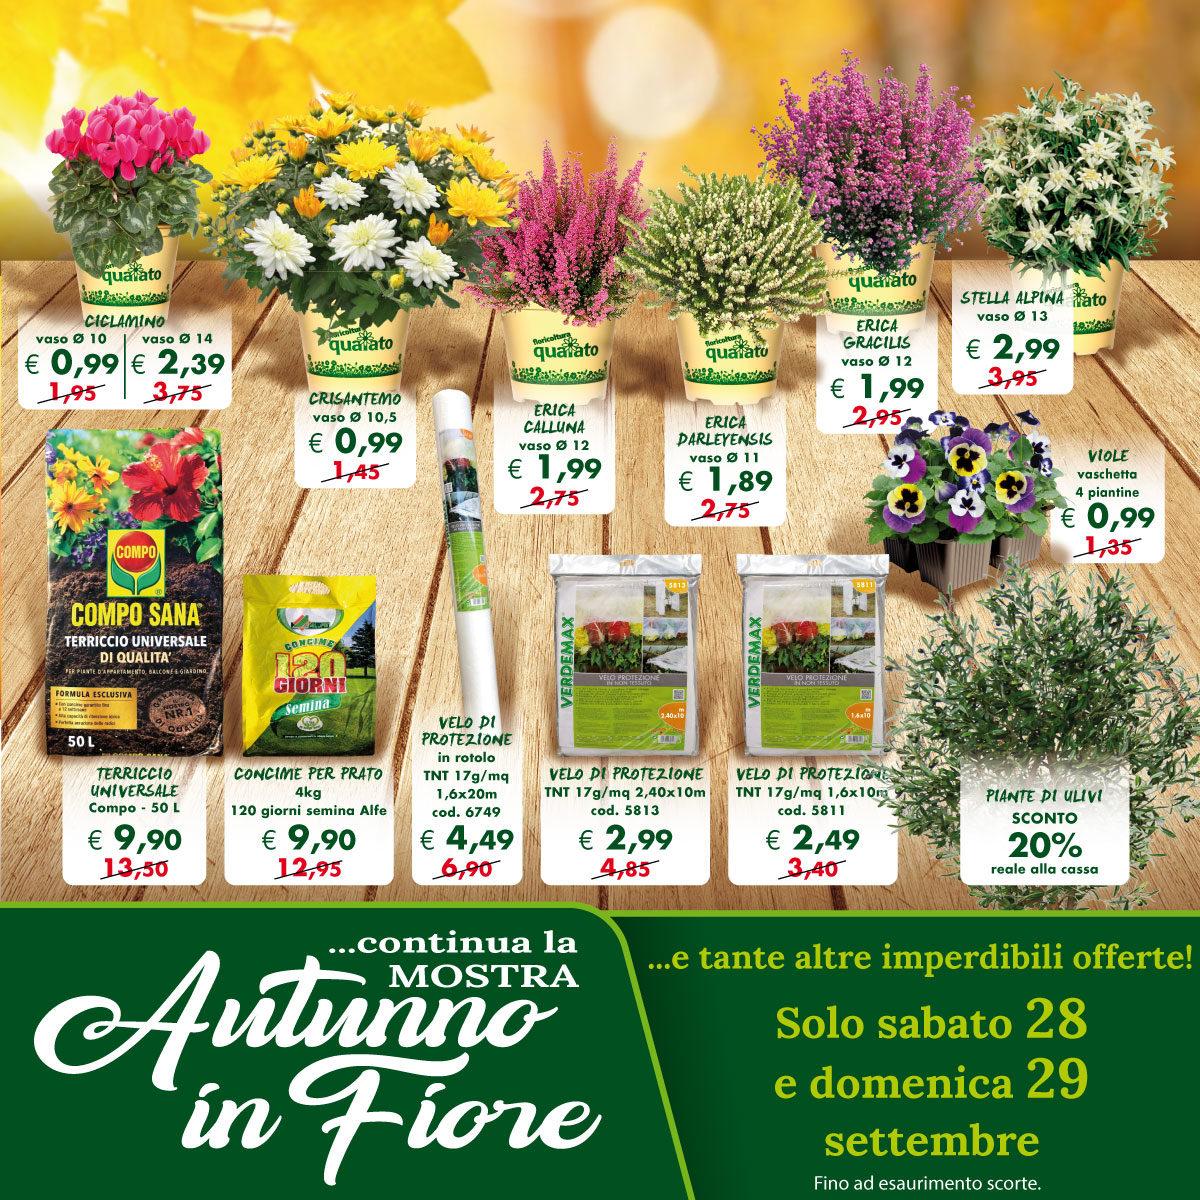 Concime Per Prato Autunnale la mostra autunno in fiore continua! - floricoltura quaiato